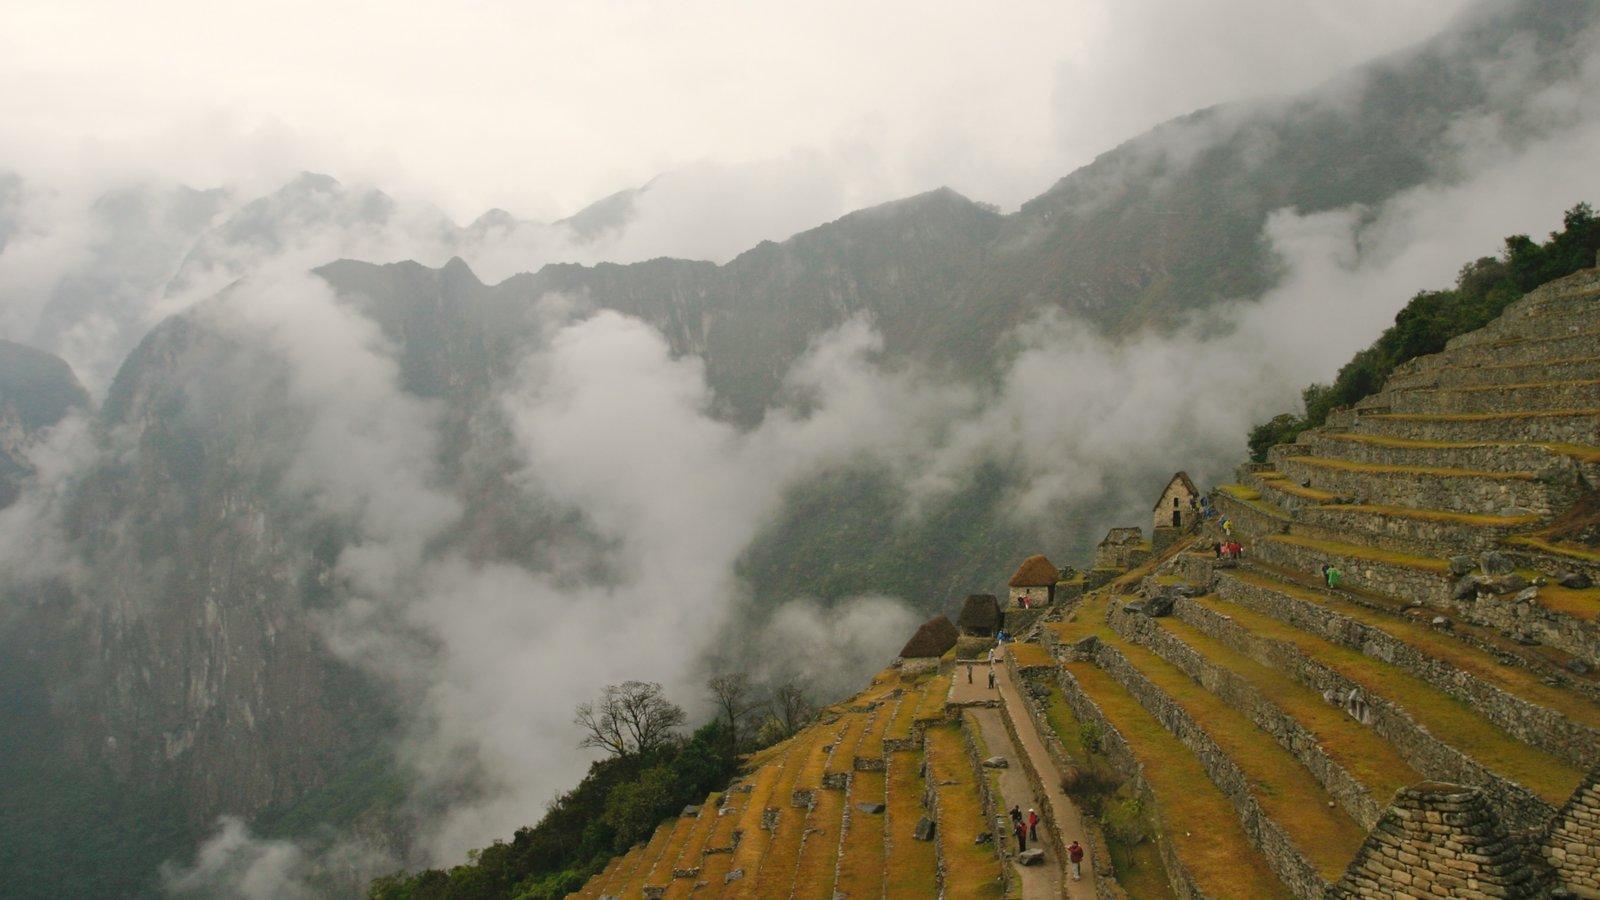 Machu Picchu mostrando neblina, uma ruína e montanhas